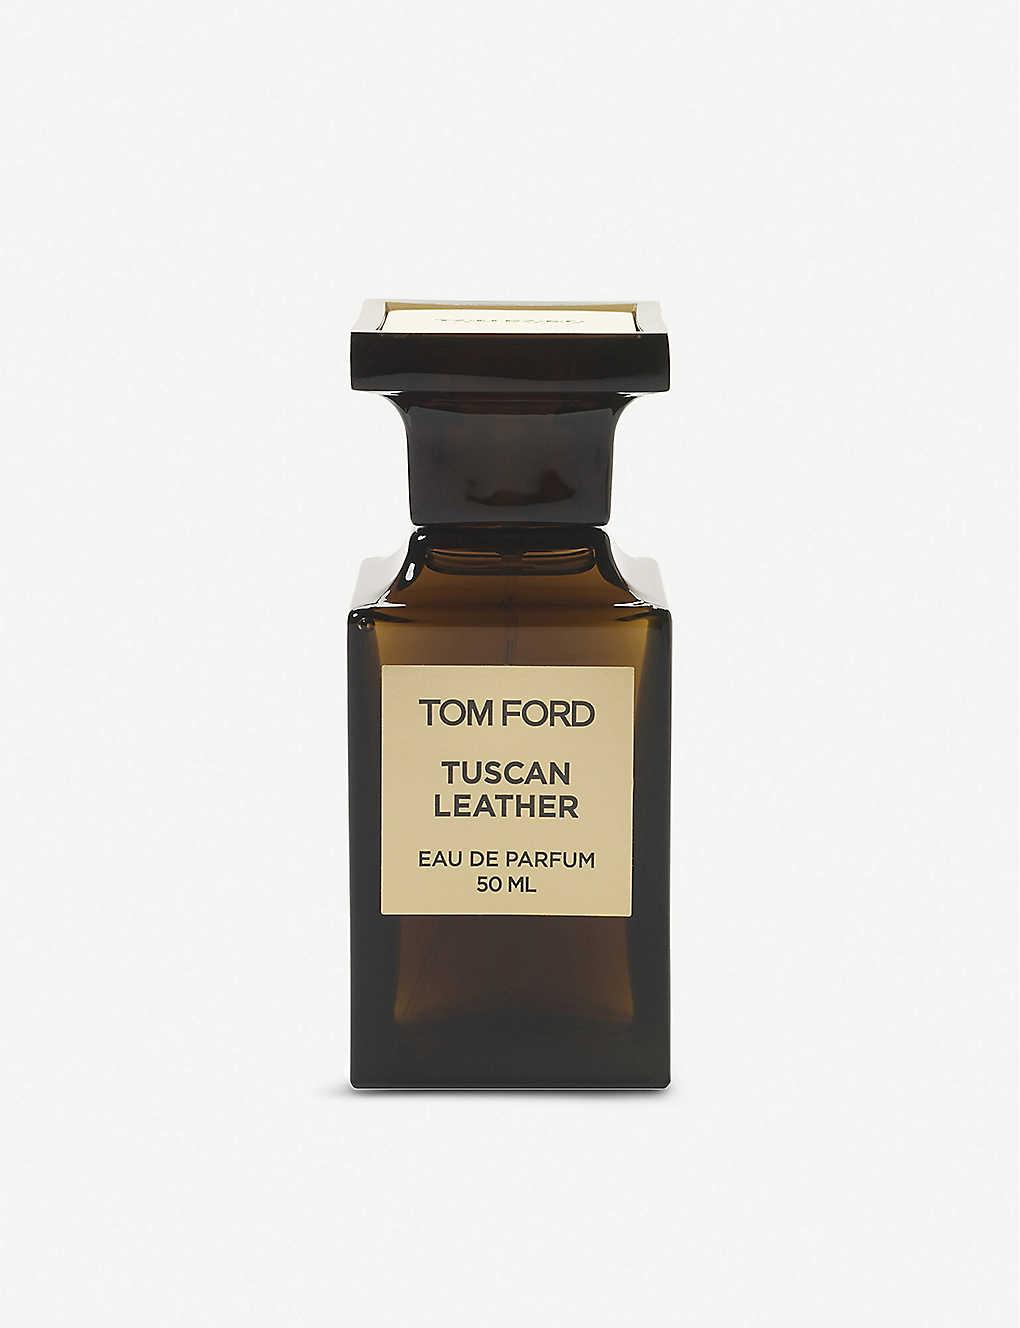 Tuscan 50ml Blend Private Leather Parfum De Eau OkXuiPZ